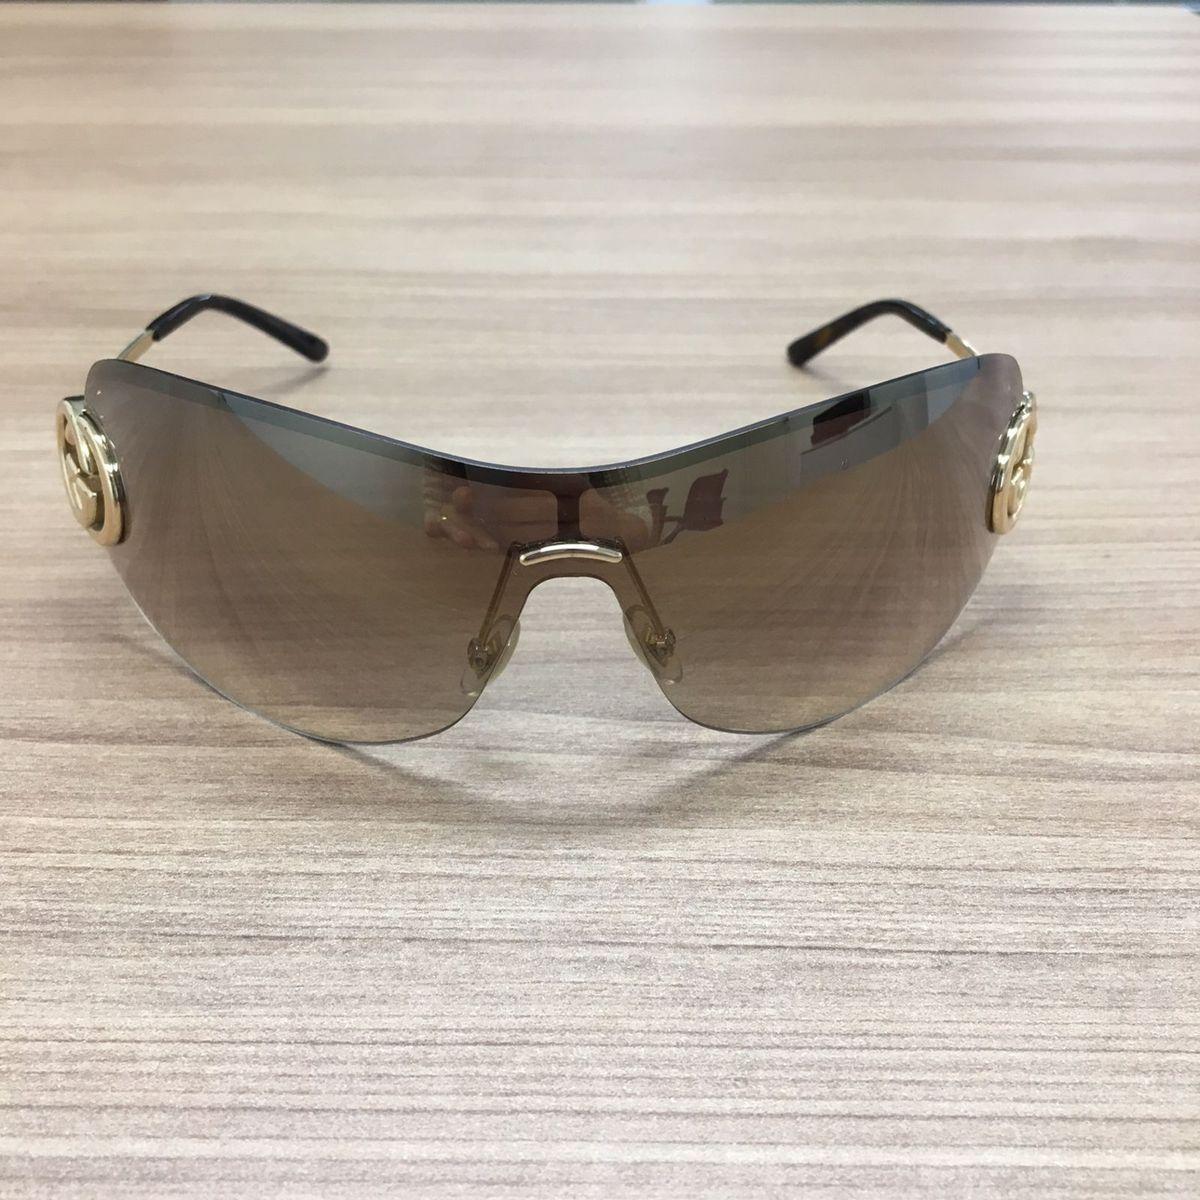 beece8ef2 Óculos de Sol Gucci Original - Chiquérrimo | Óculos Feminino Gucci Usado  29020682 | enjoei